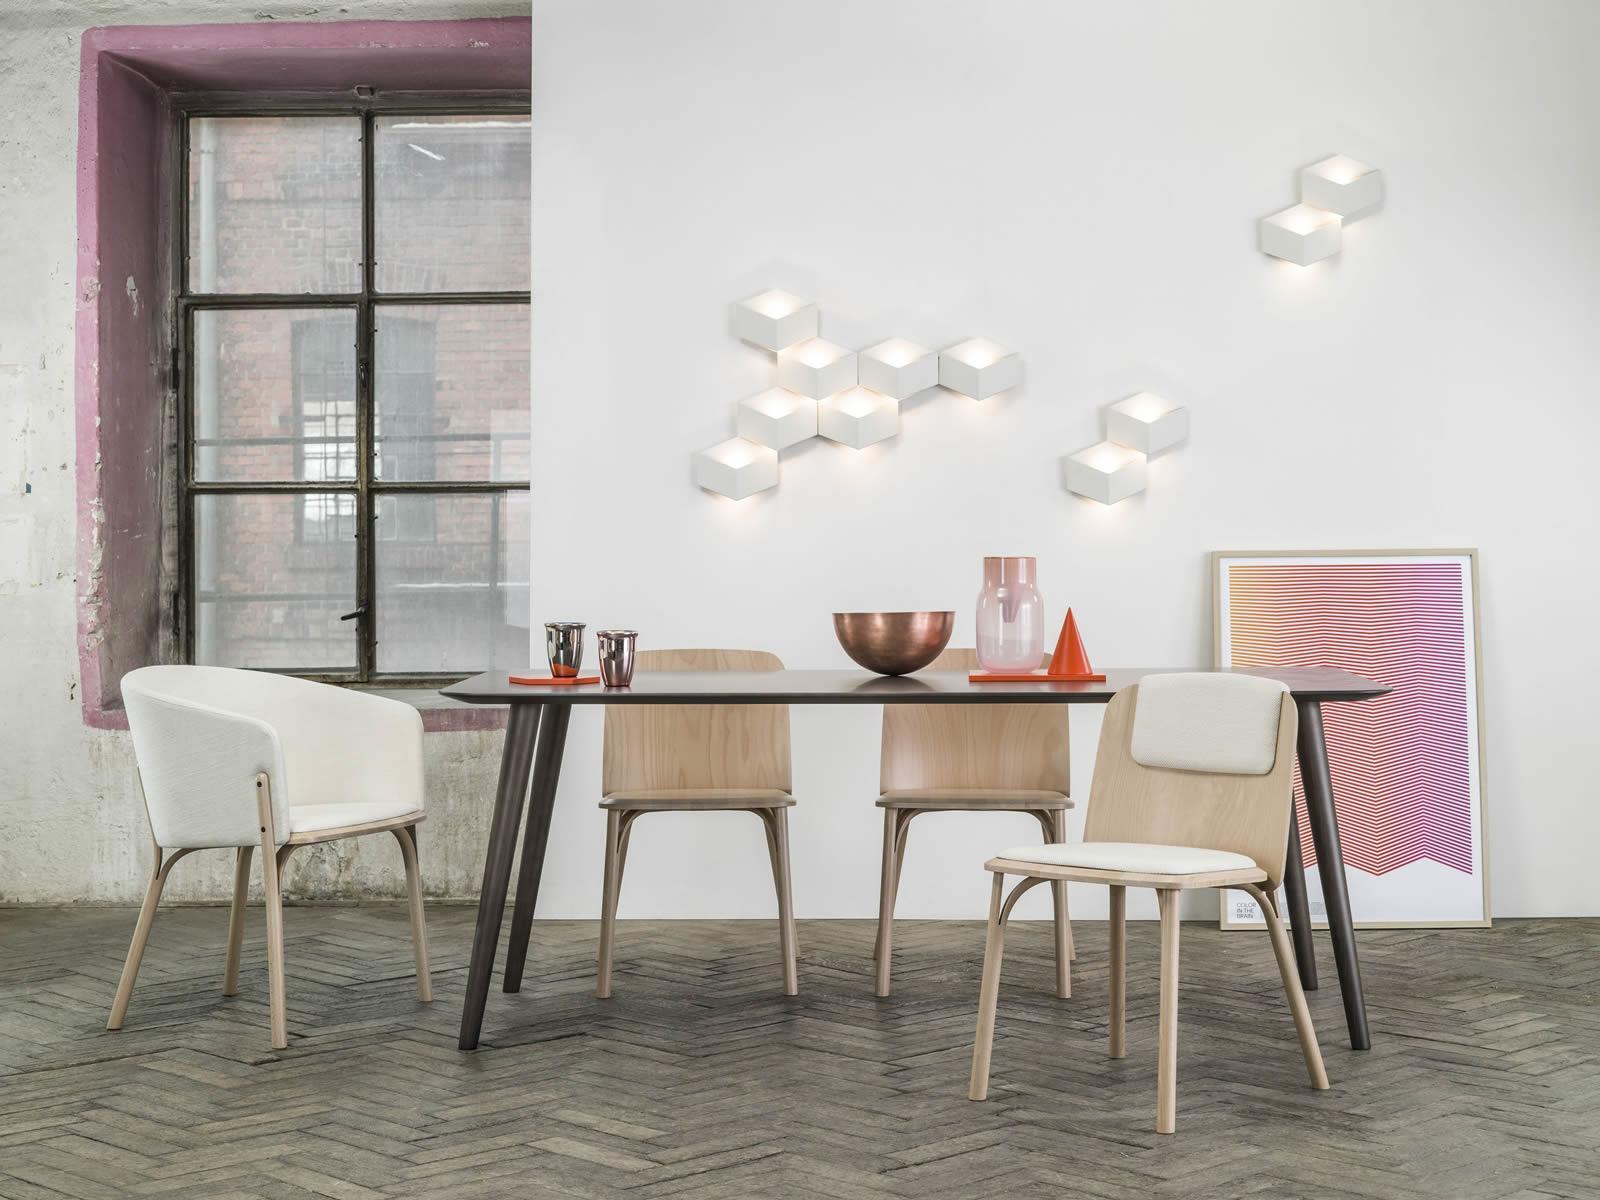 arik levy ton a s von menschen gefertigte st hle. Black Bedroom Furniture Sets. Home Design Ideas